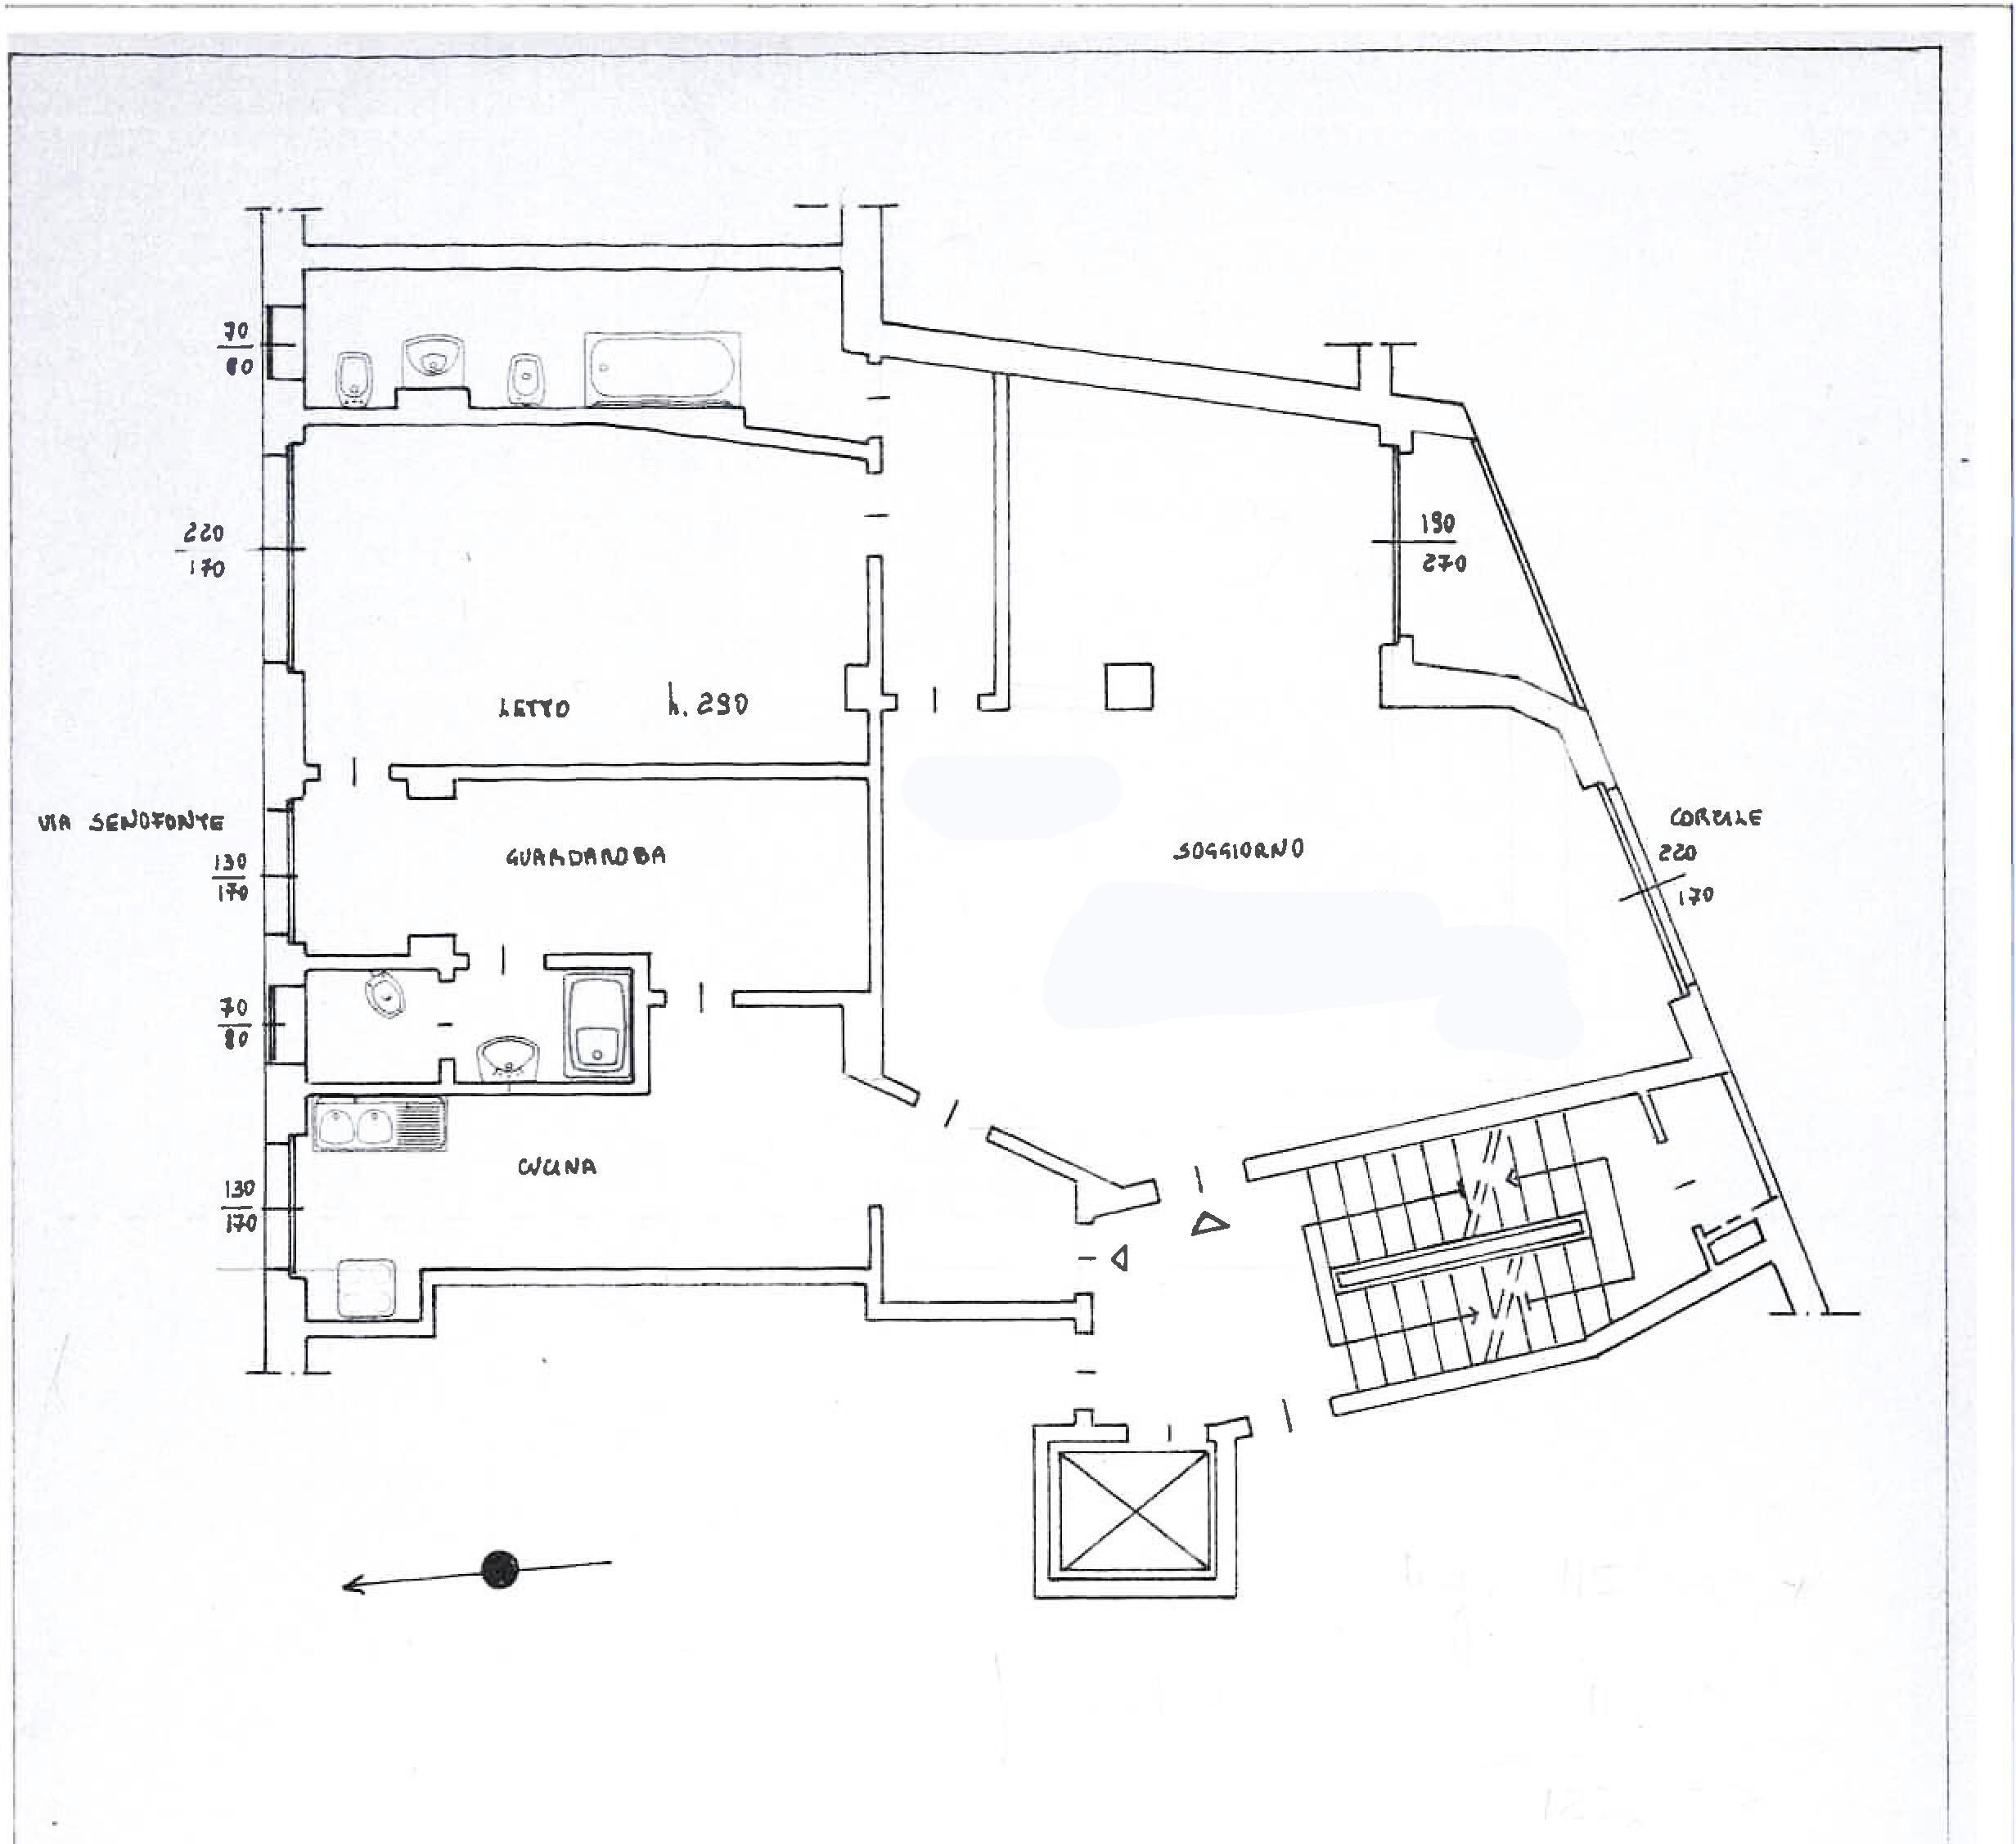 planimetrie/KsvVs3Tknh.jpg